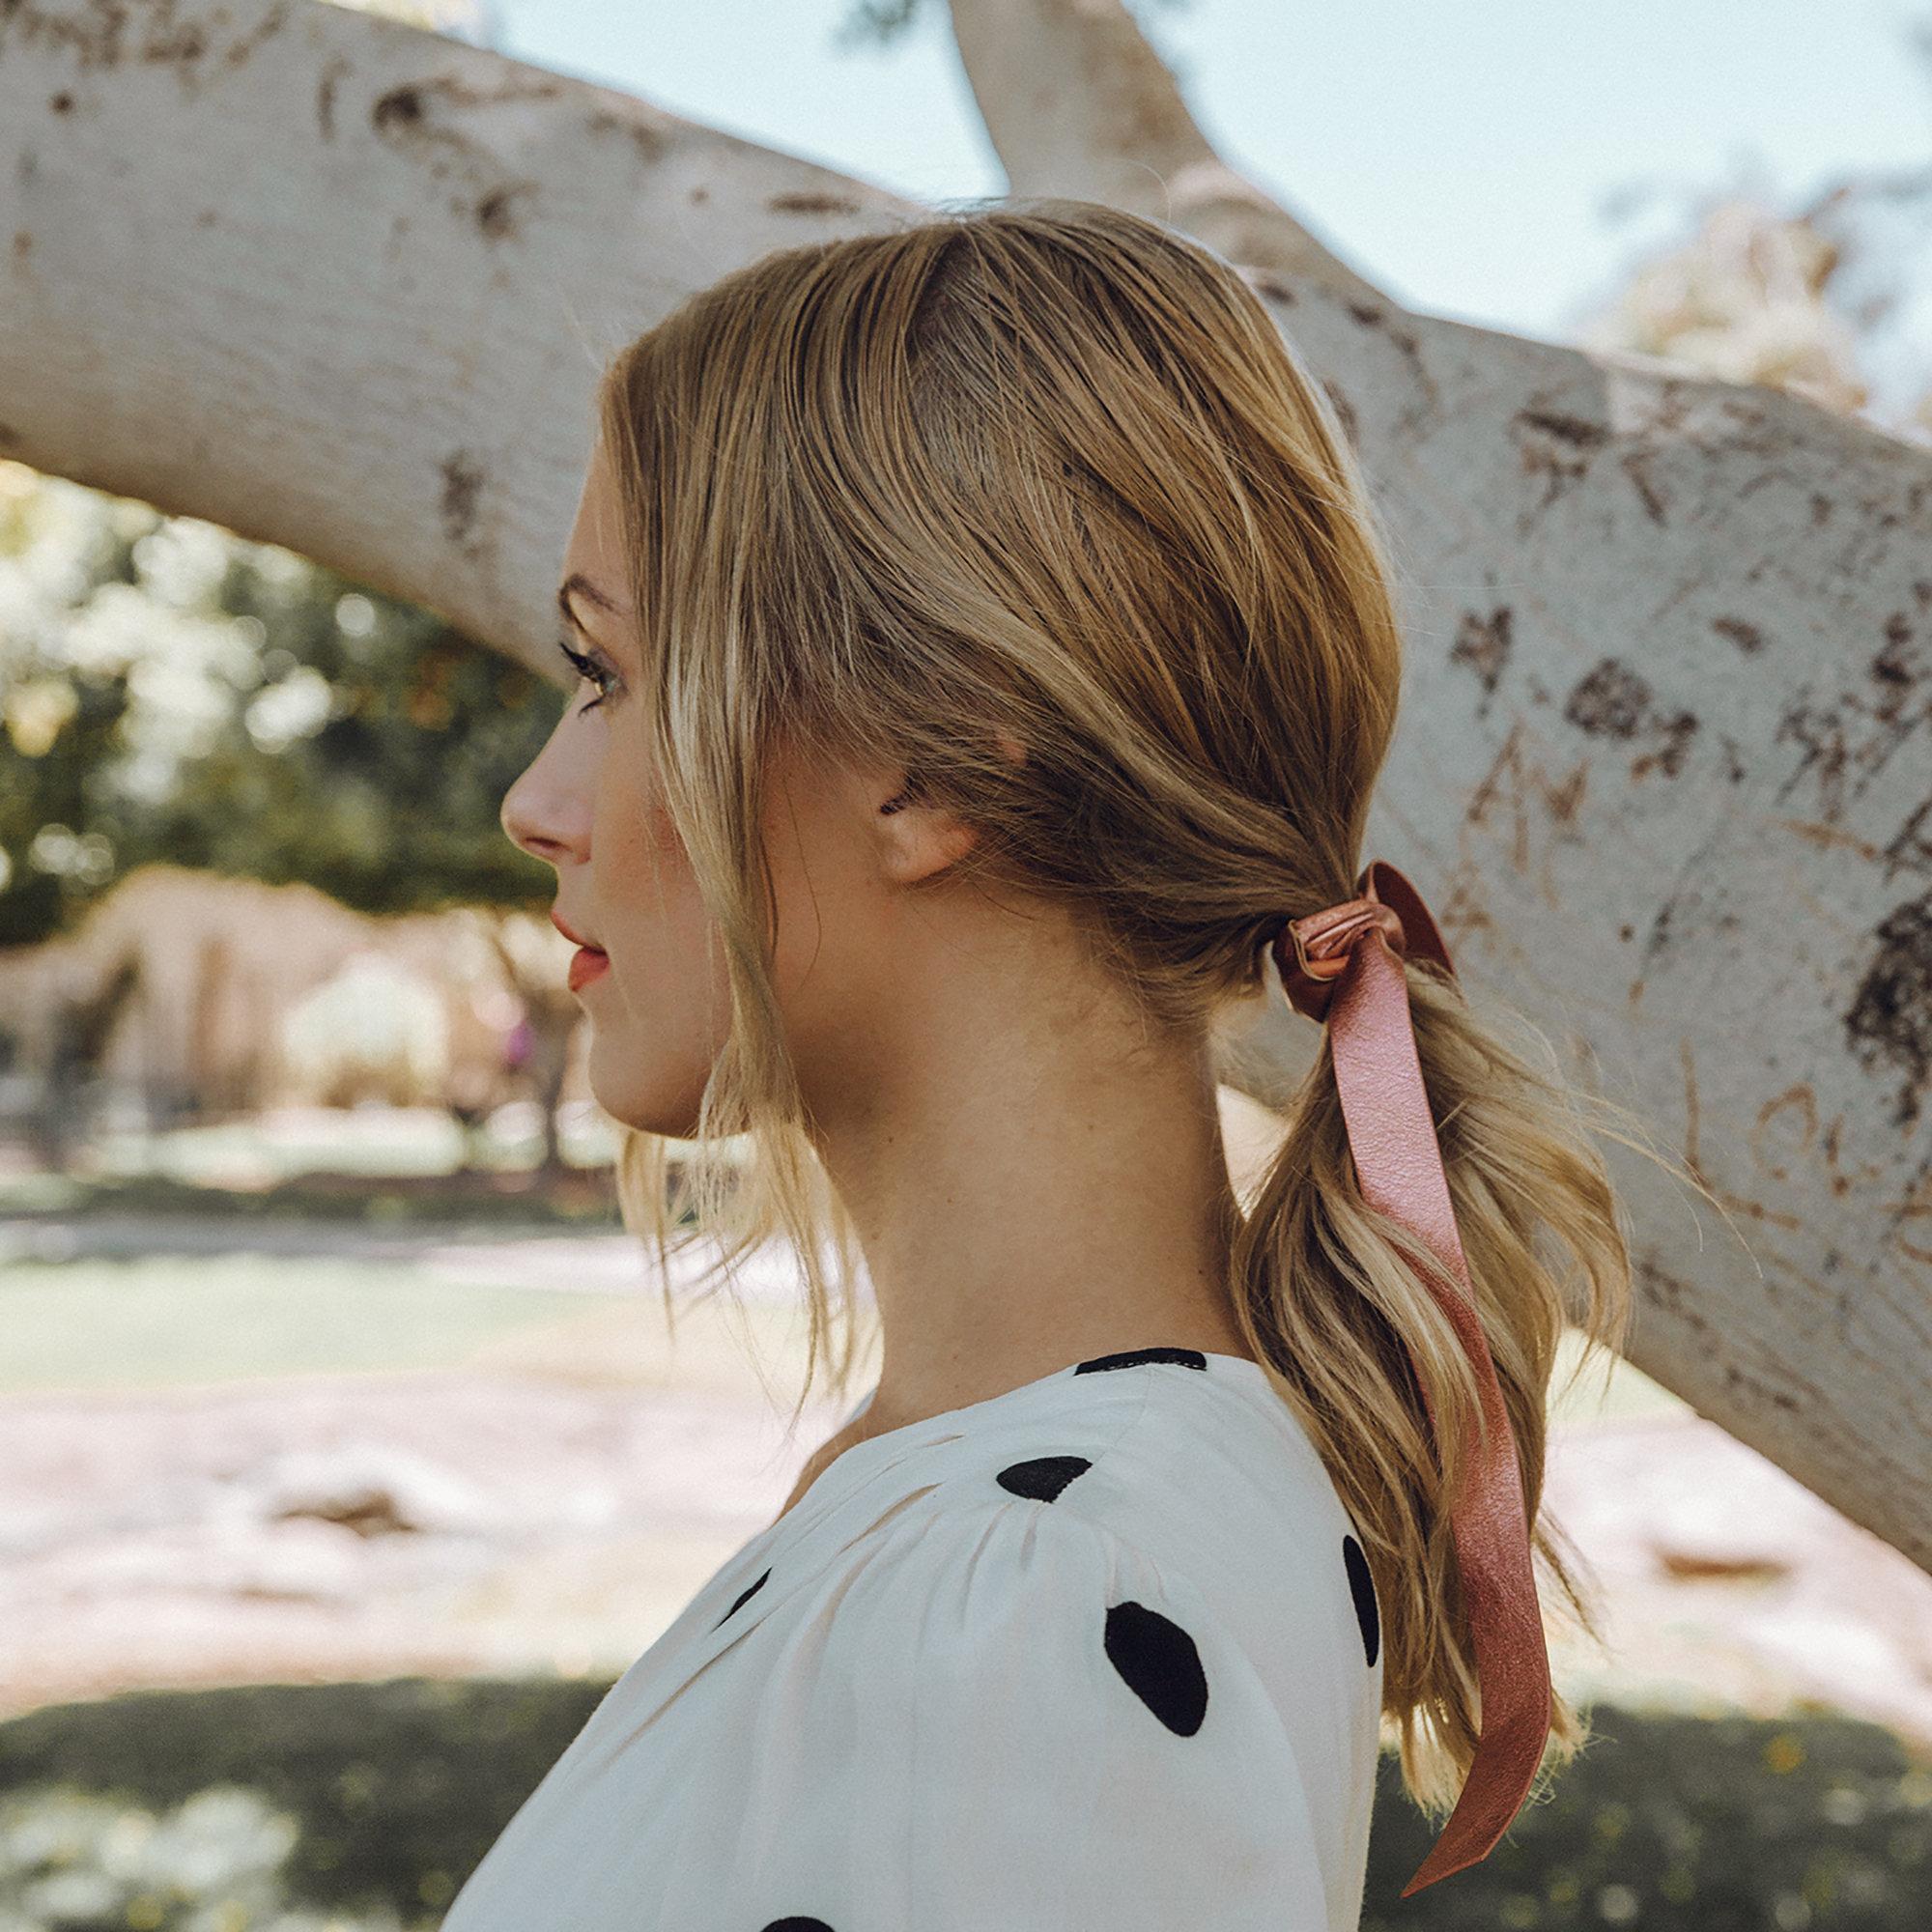 3 Cách nhuộm tóc từ nguyên liệu tự nhiên tốt nhất